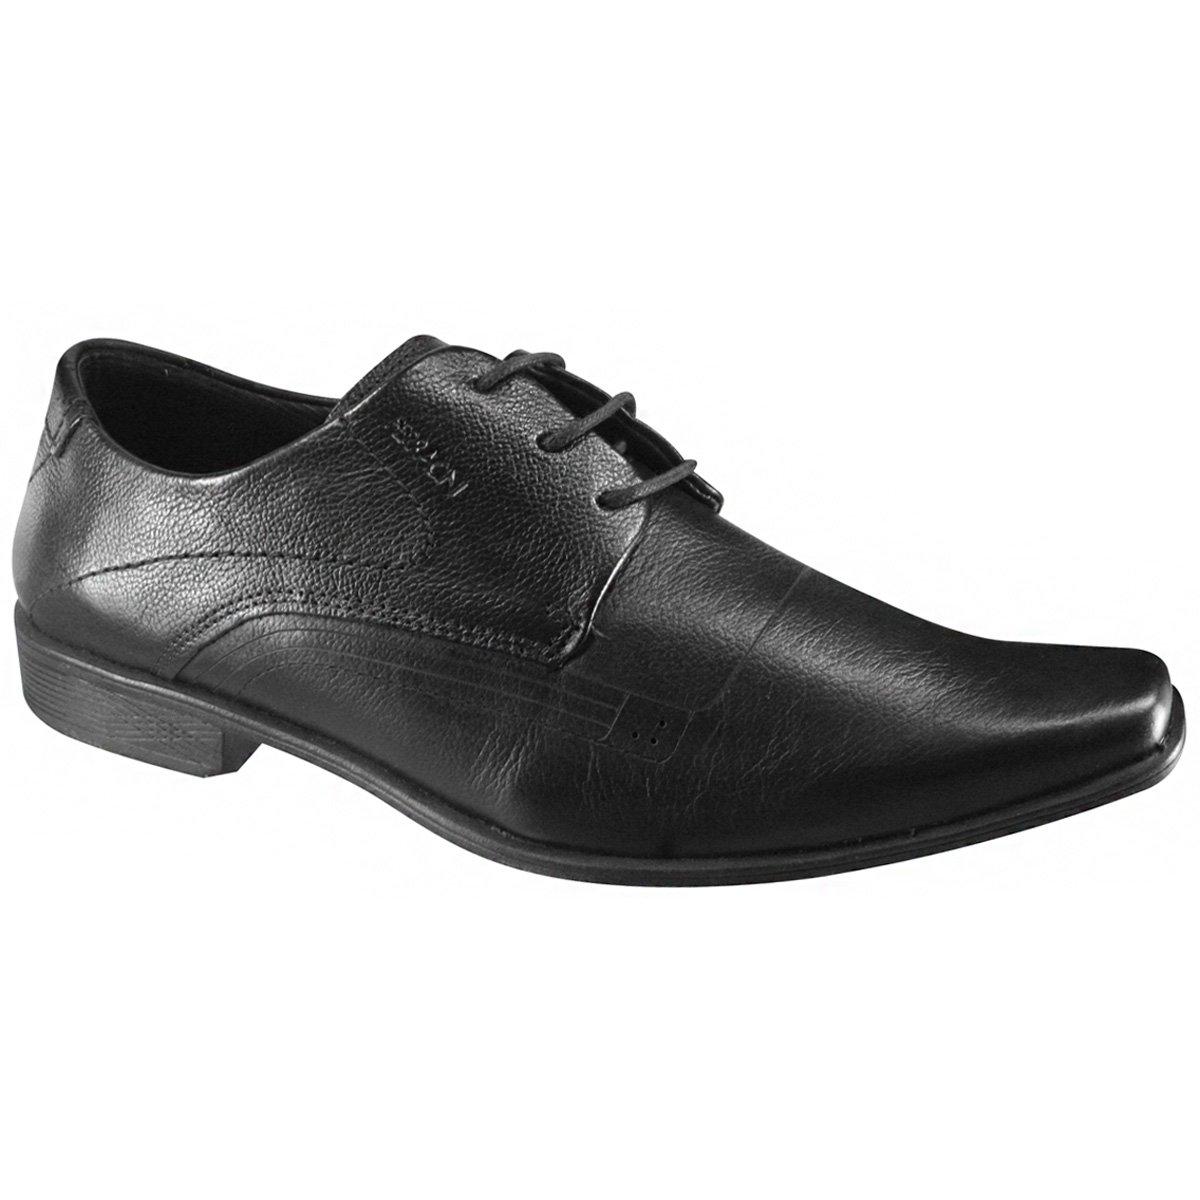 b104cab21a Sapato Masculino Ferracini Chile 5070-223G Preto (Napa Sky)